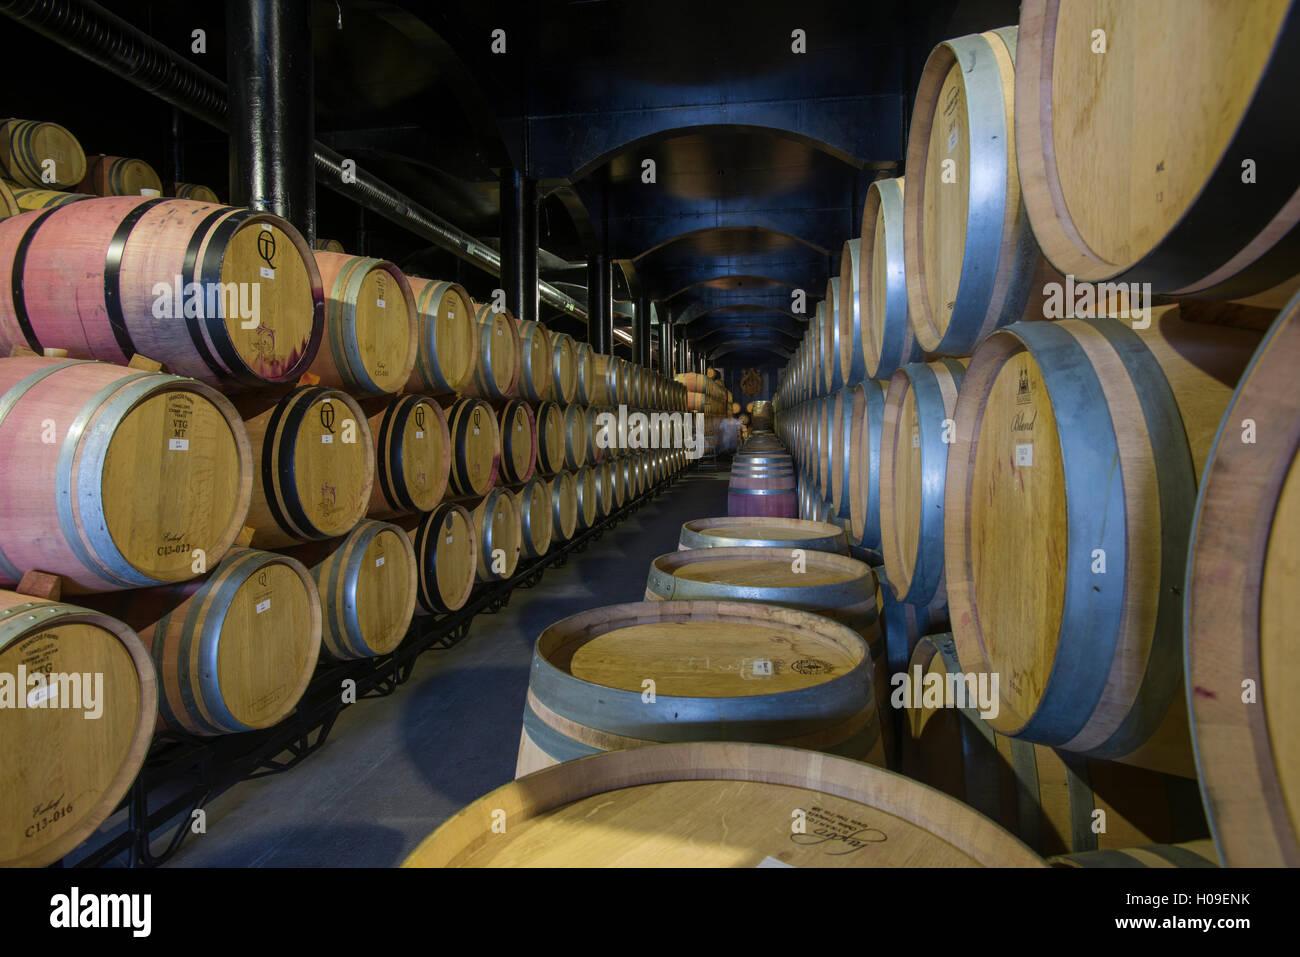 Wein Lagerung in Eichenfässern in einem Keller in einem Weingut in der Region Alto Douro Portugal, Europa Stockbild